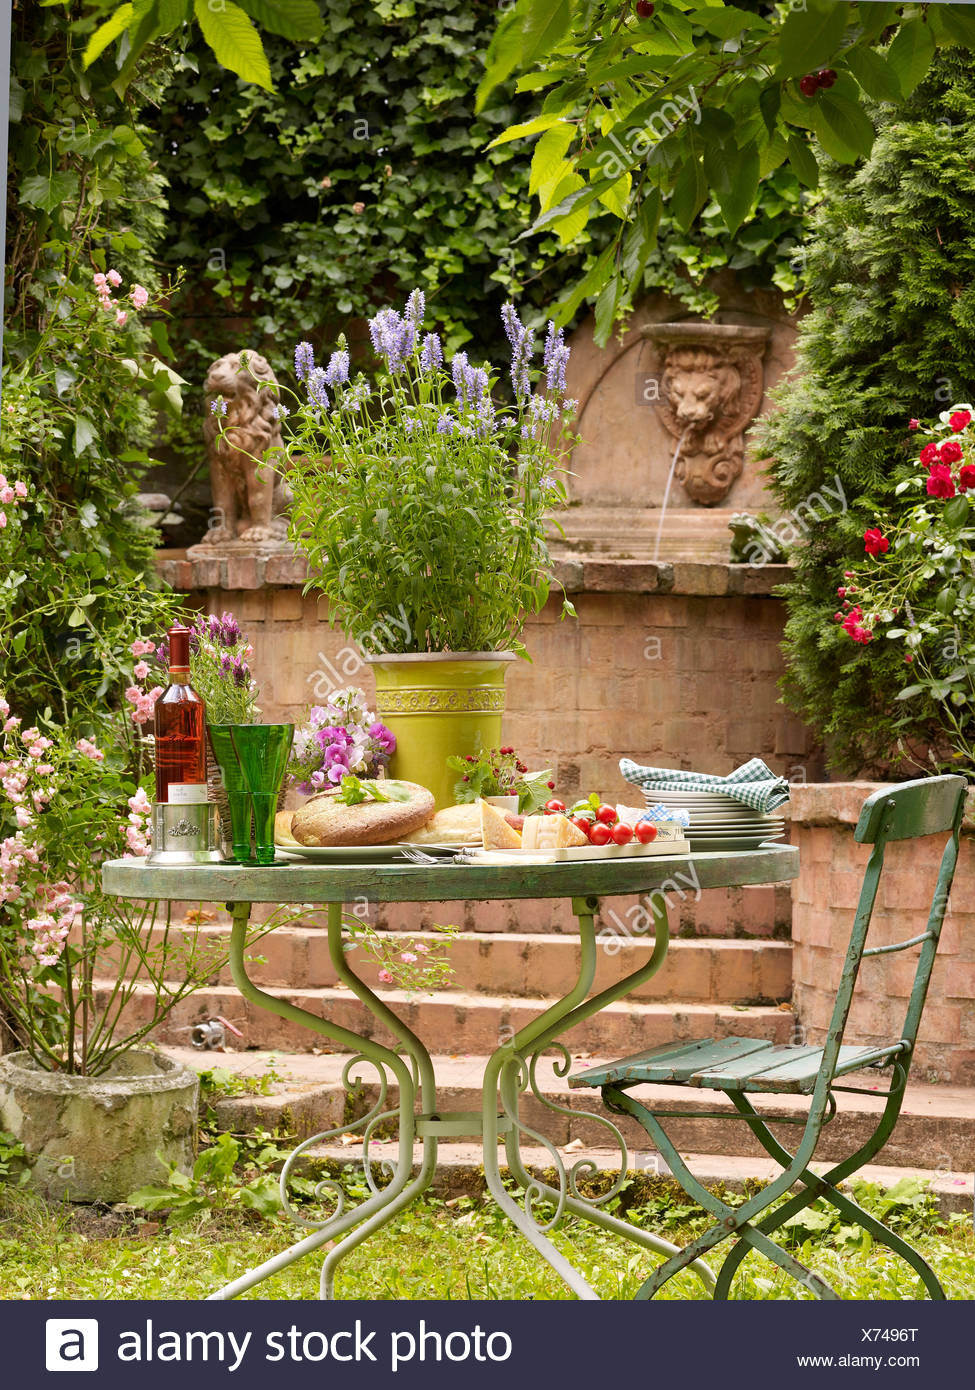 Tavoli Da Giardino Decorati.Decorate Tavolo Da Giardino In Un Ambiente Romantico Foto Immagine